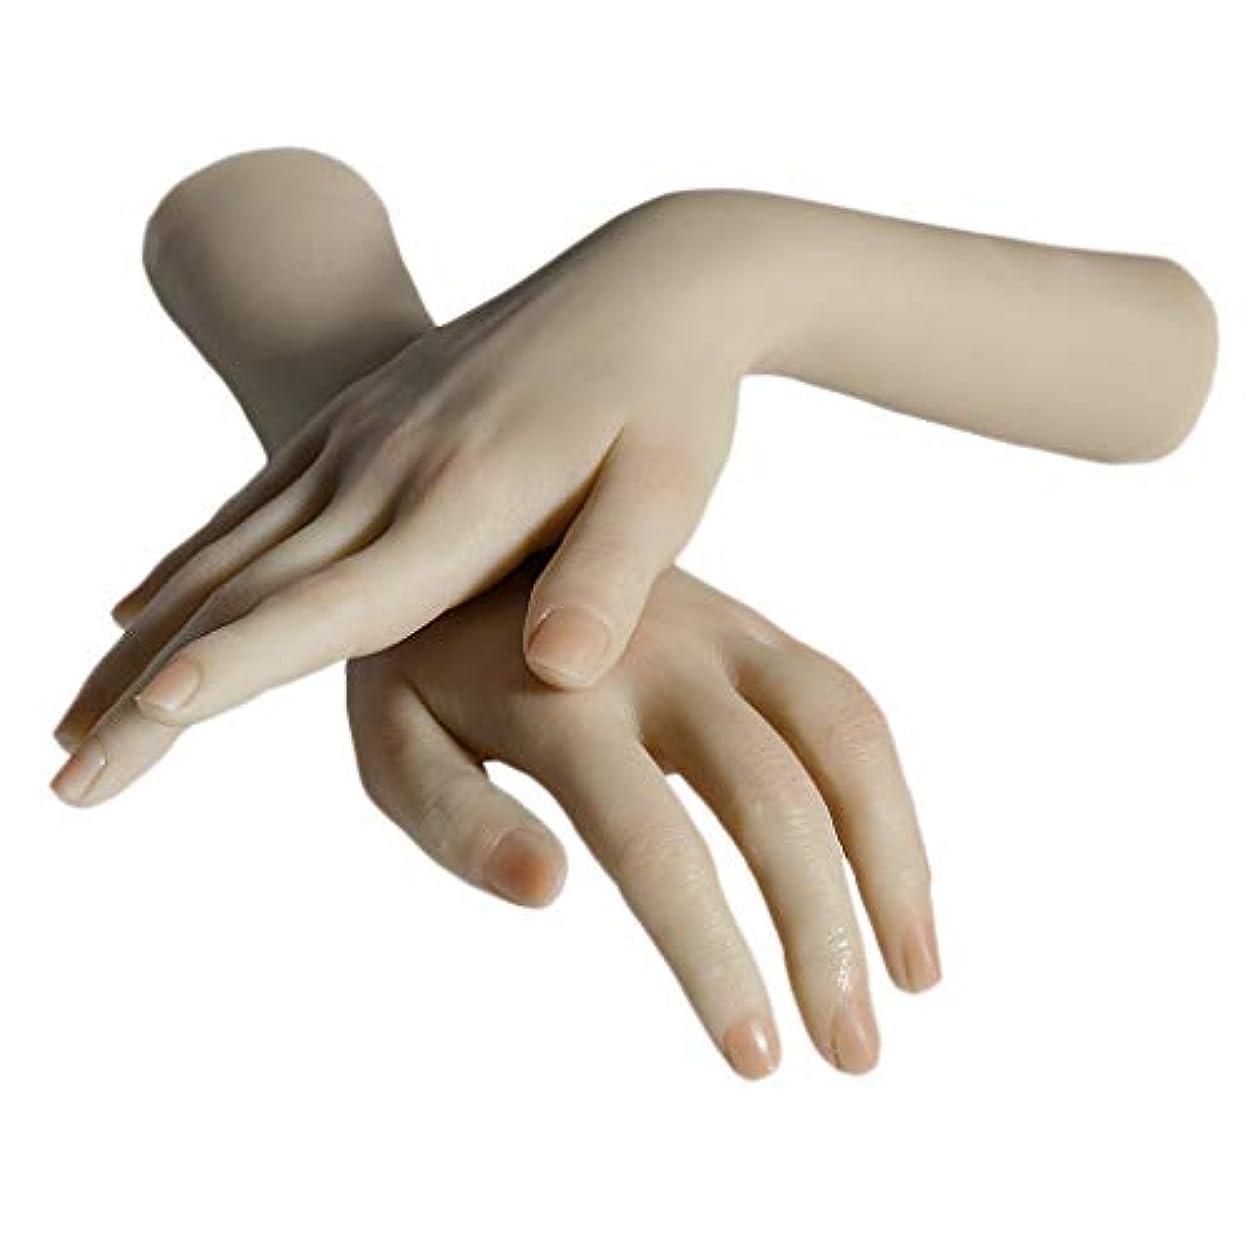 かんがい欲求不満シマウマPerfeclan ネイルアート マネキンハンド 手表示モデル 手模型 練習 実践手 シリコン